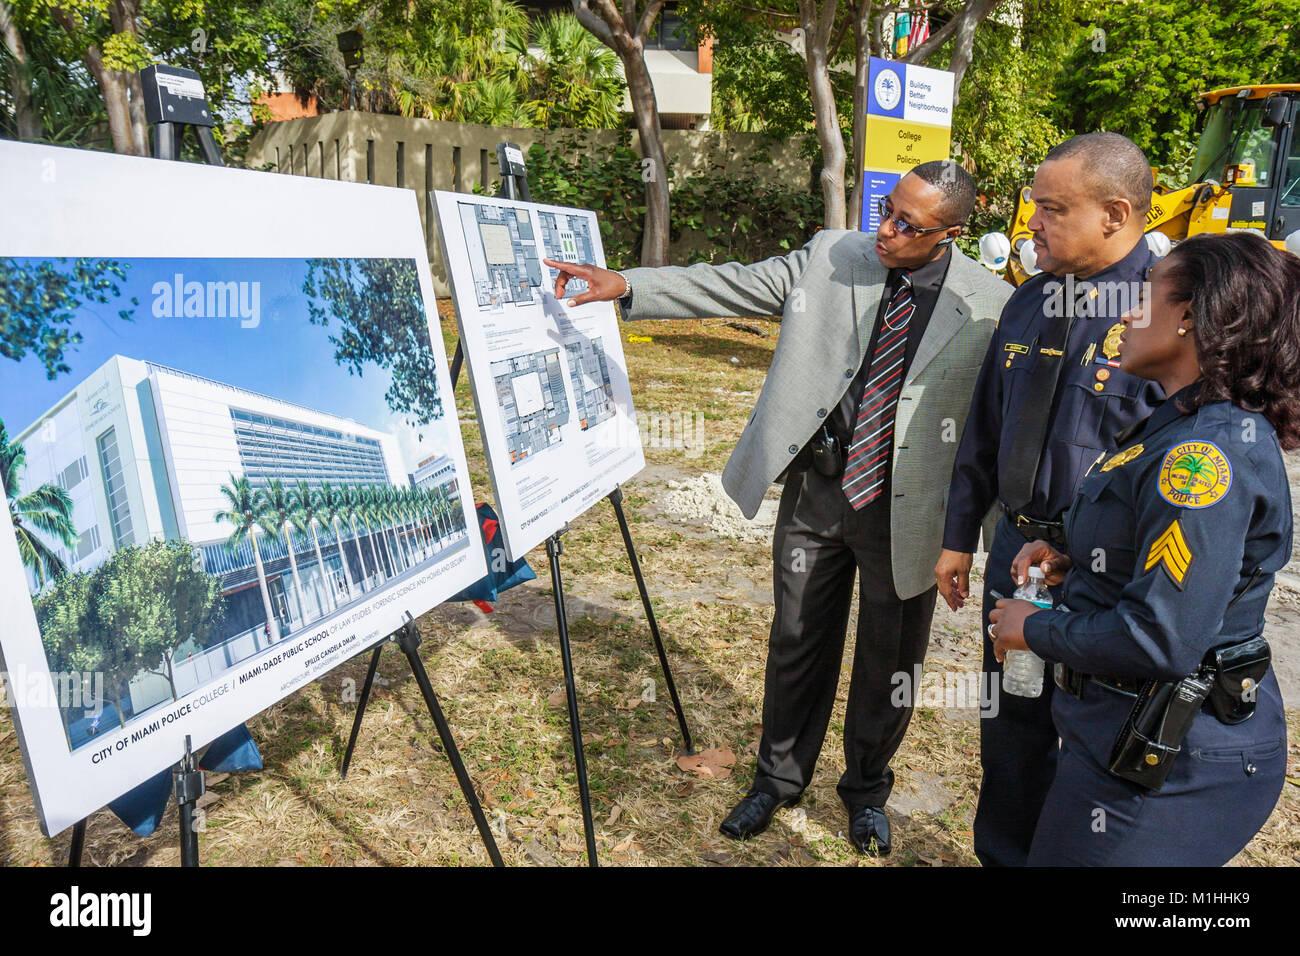 Floride, Miami, Collège de police, cérémonie révolutionnaire, application de la loi, éducation, criminologie, policier, Banque D'Images